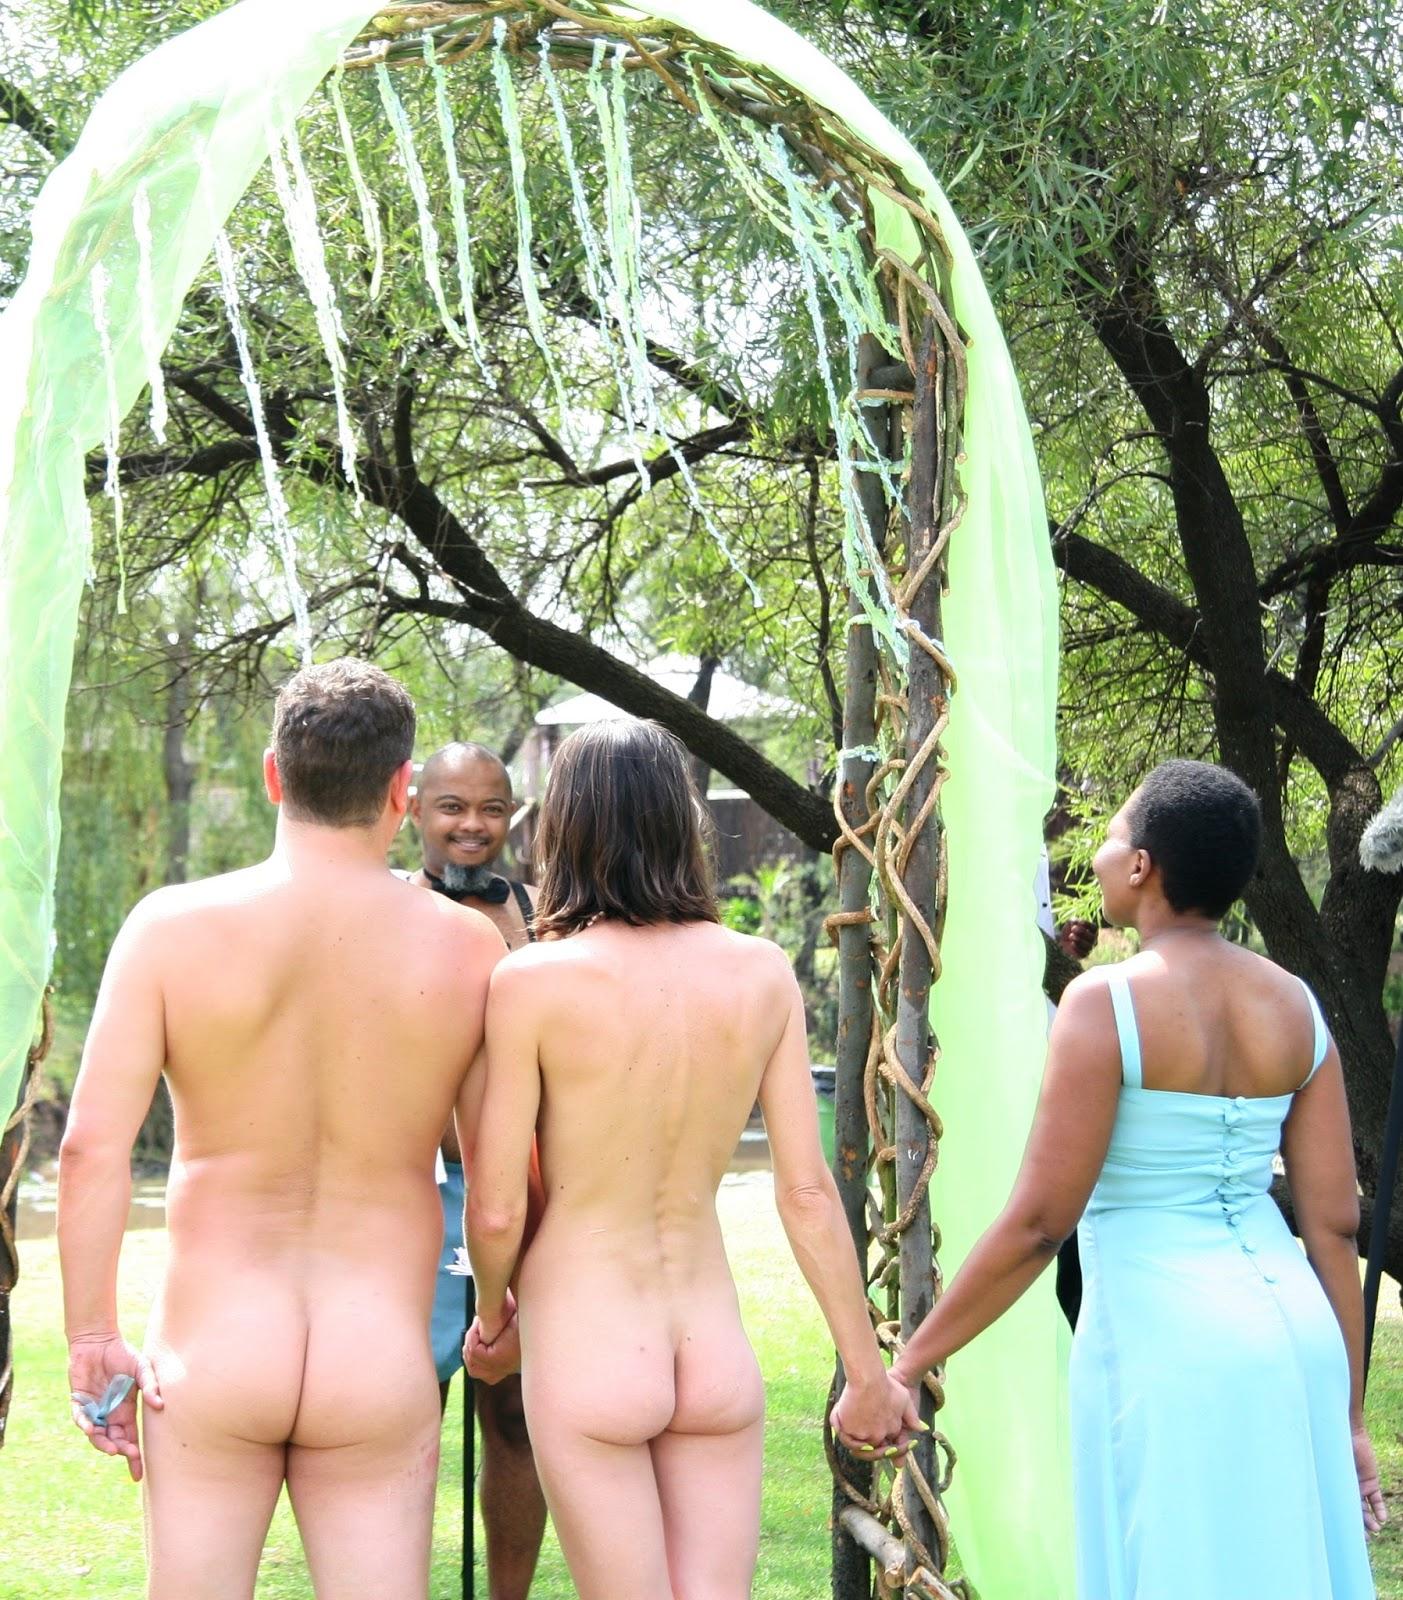 Nude Weddings 17